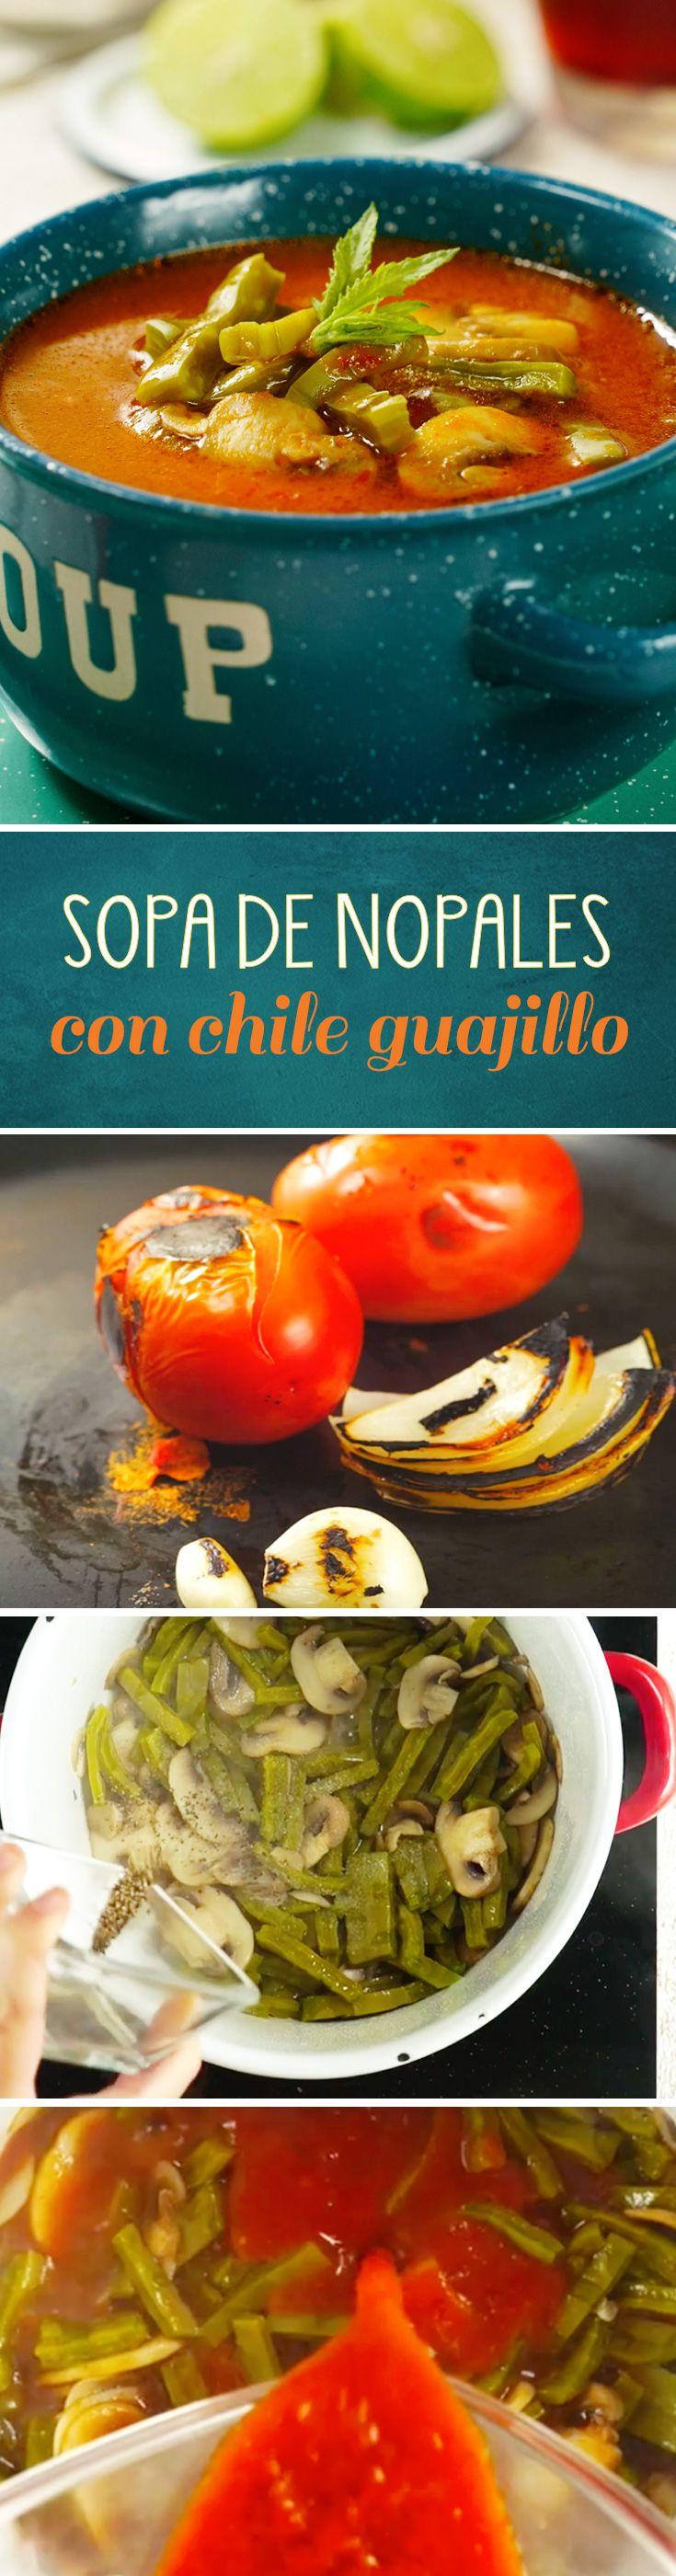 Sopa de Nopales con Chile Guajillo  Receta  Comida